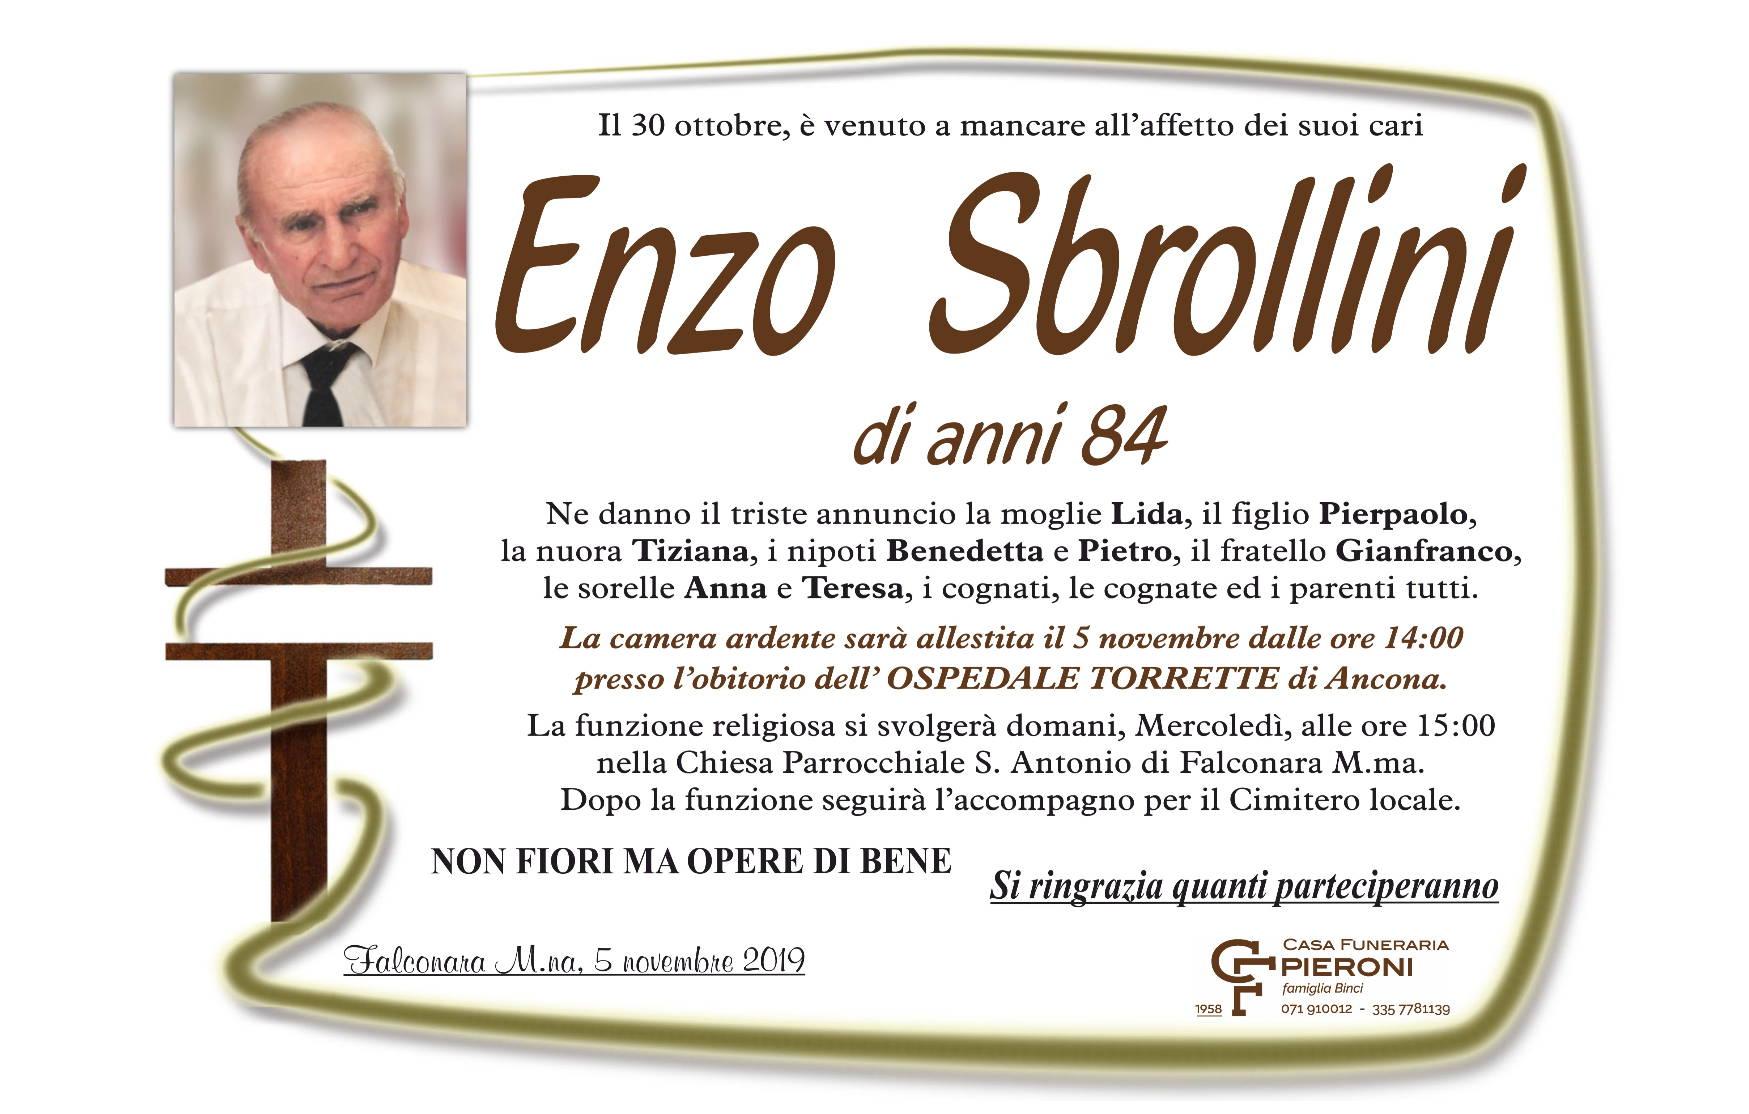 Enzo Sbrollini